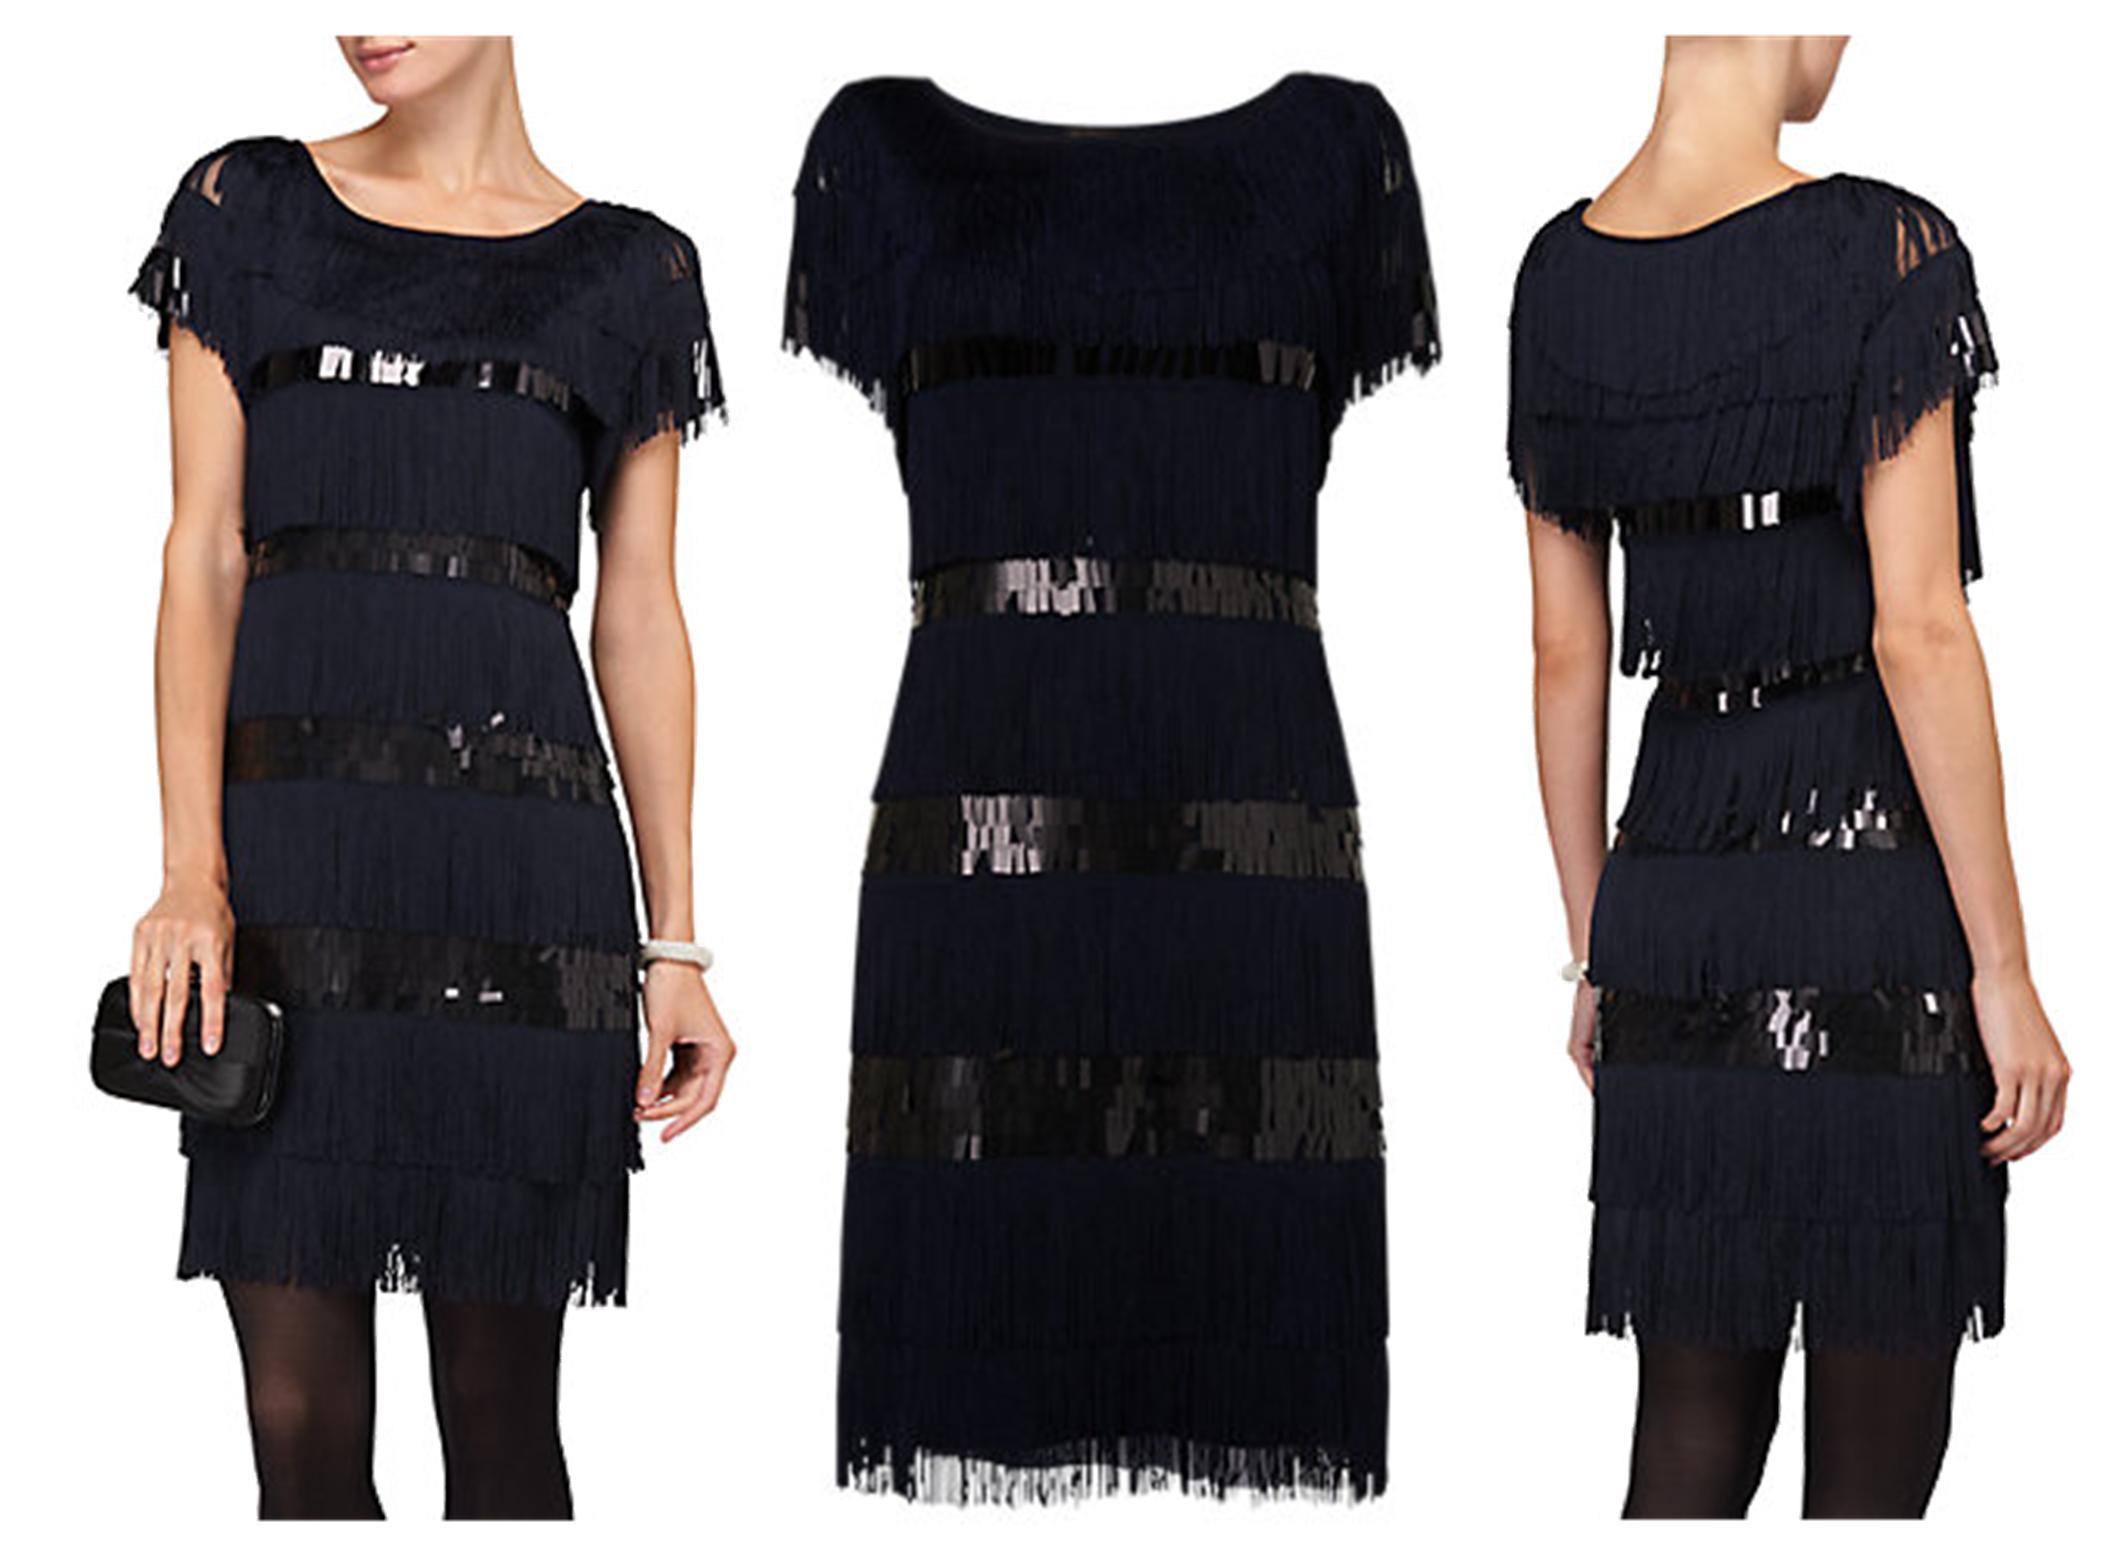 John Lewis Party Dresses Plus Size Tops